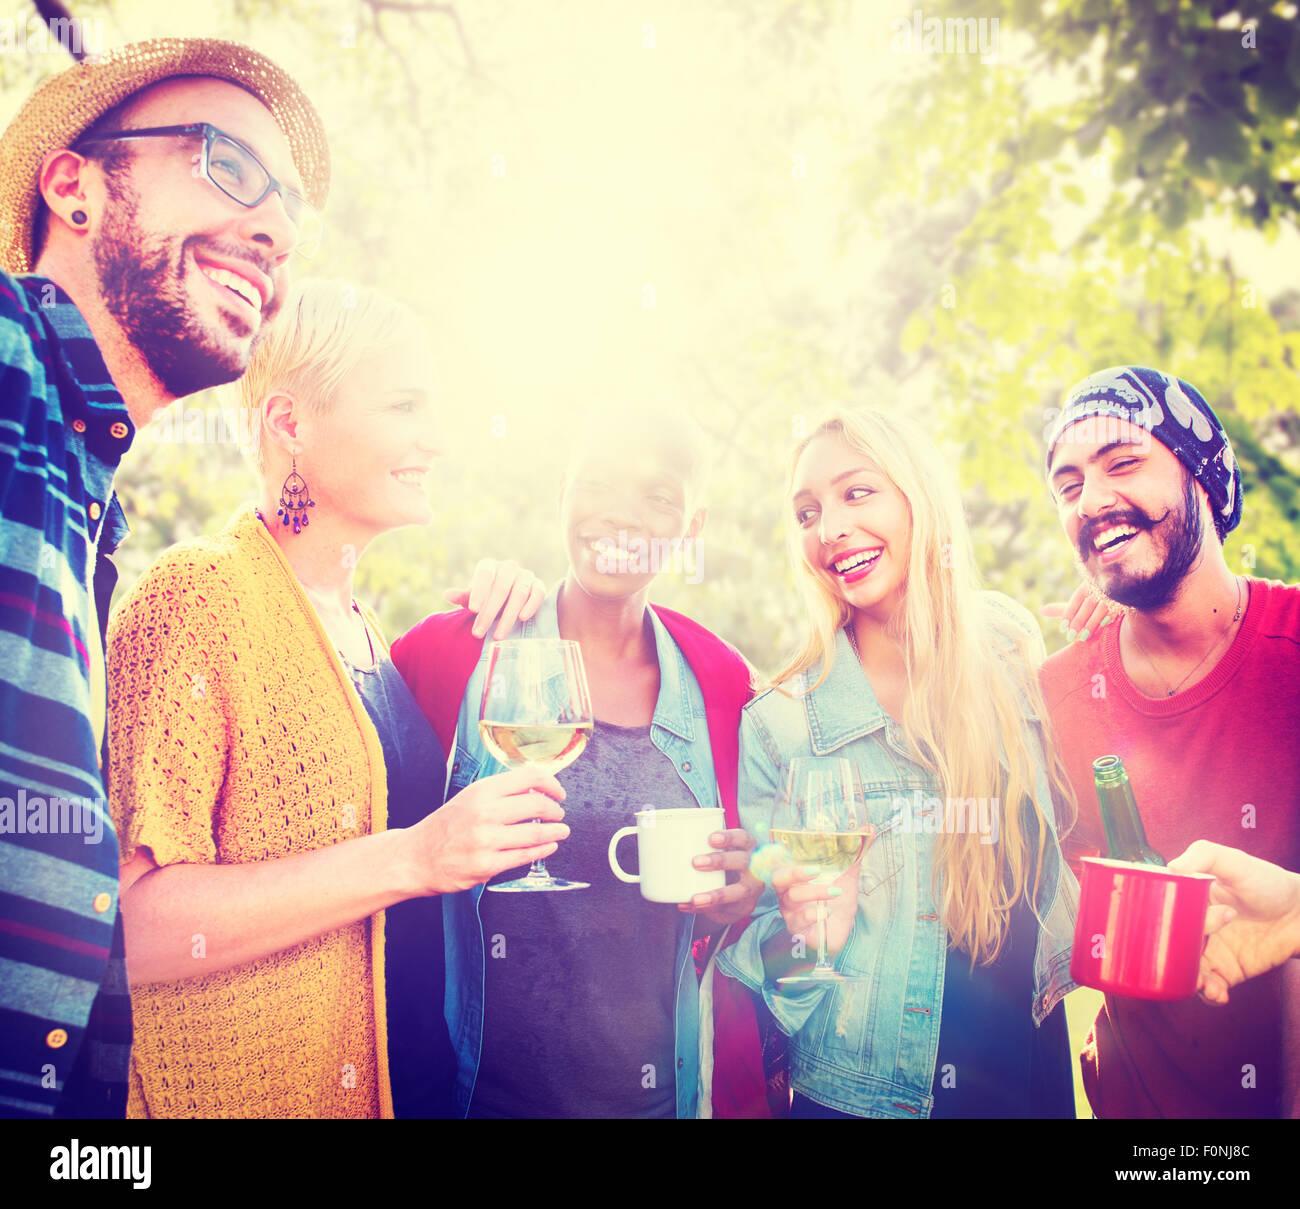 Amico celebrare la festa gioiosa Picnic Lifestyle concetto potabile Immagini Stock